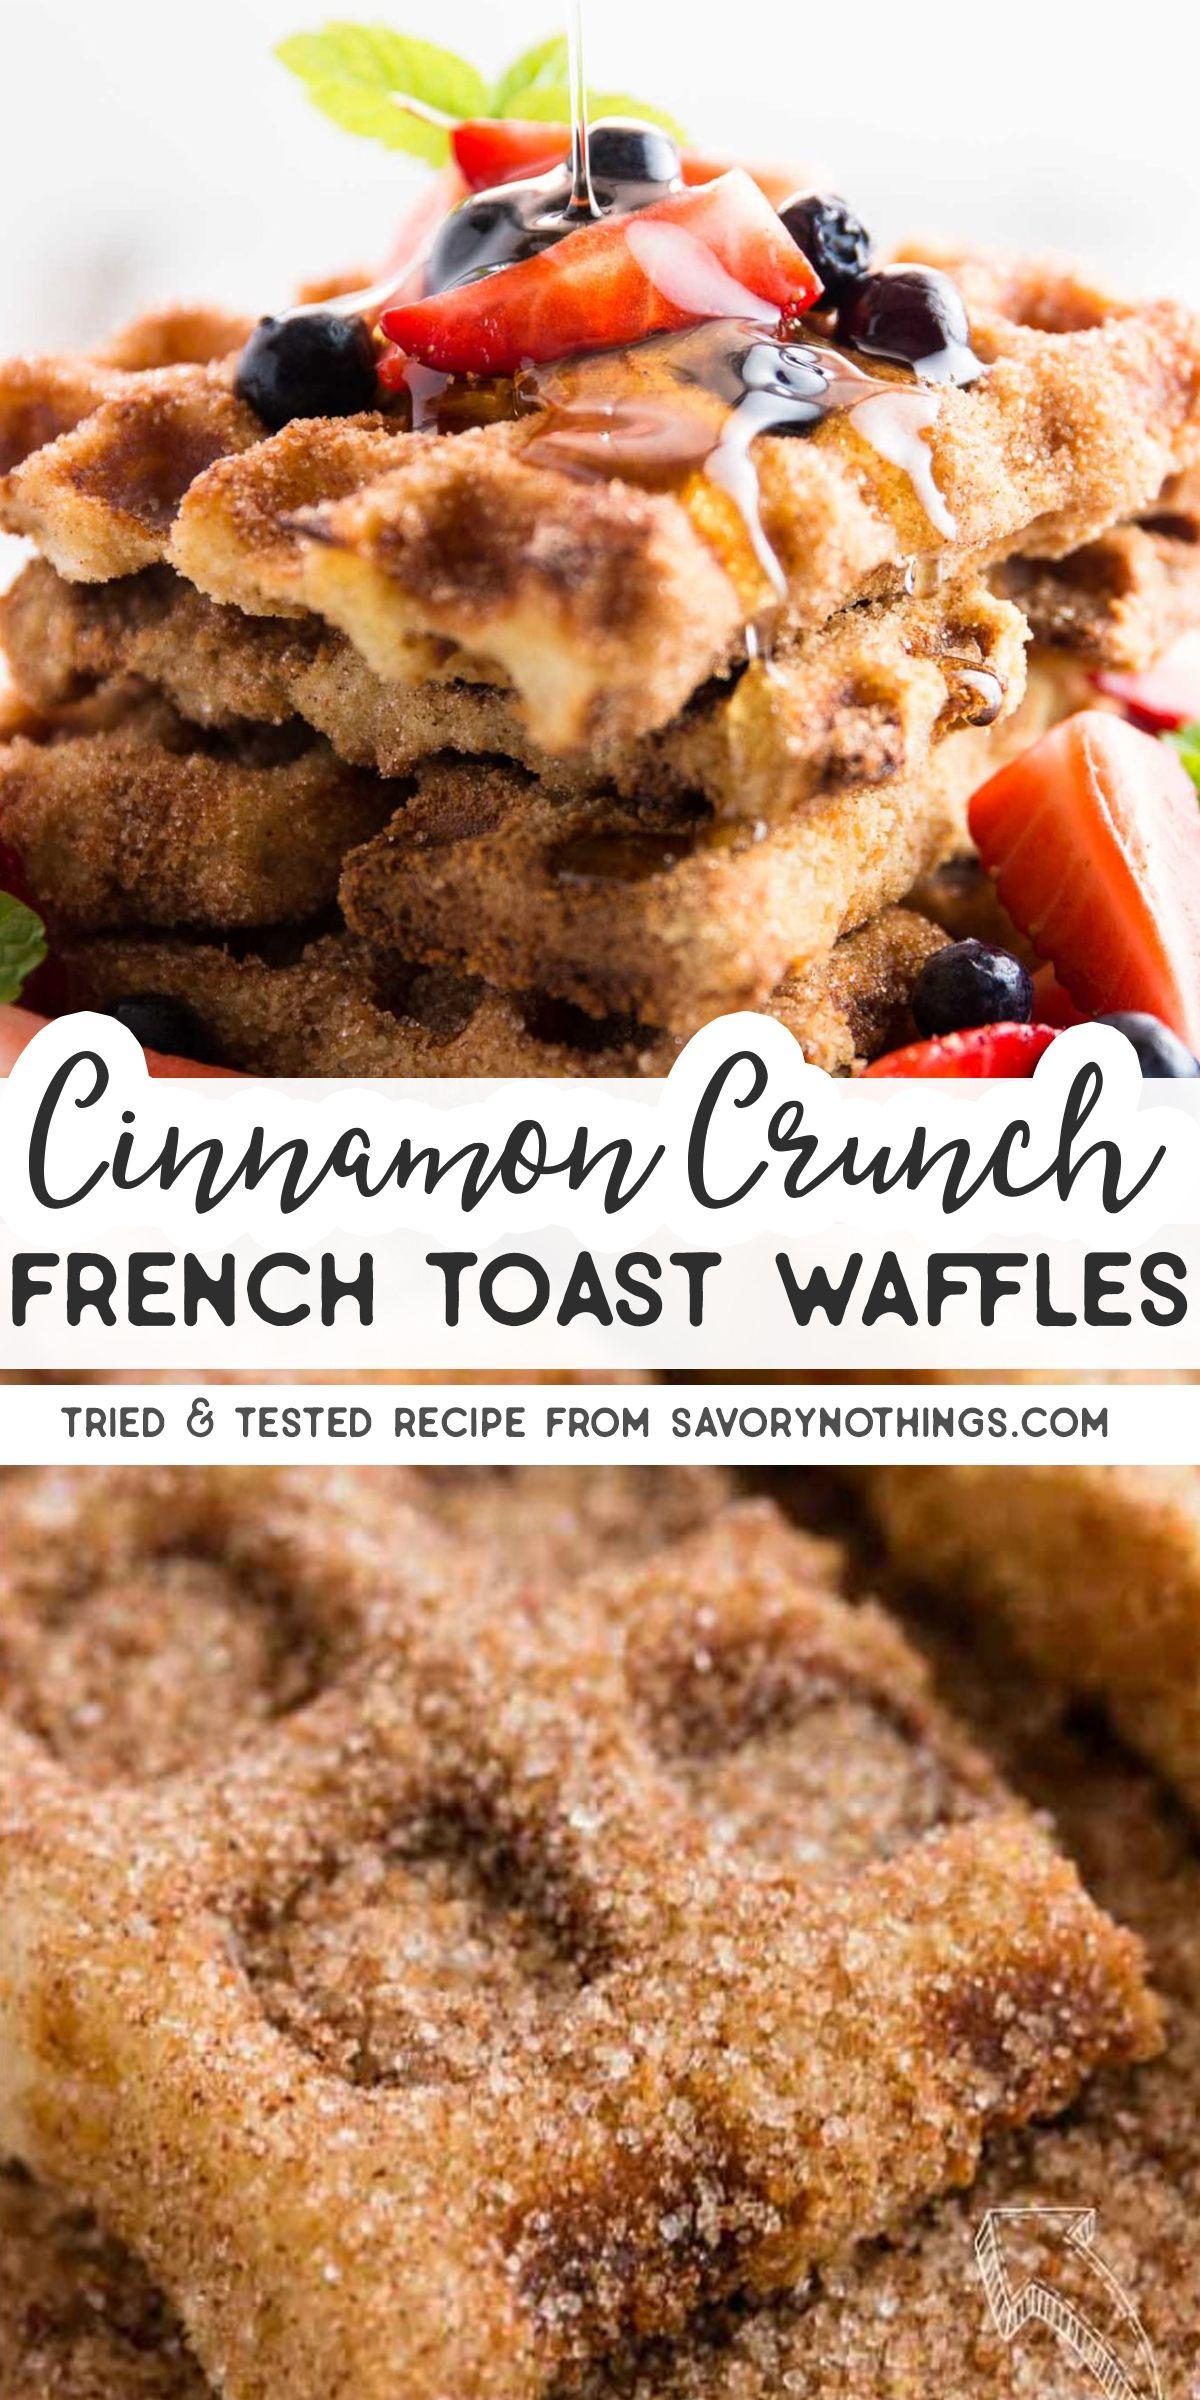 Cinnamon Crunch French Toast Waffles